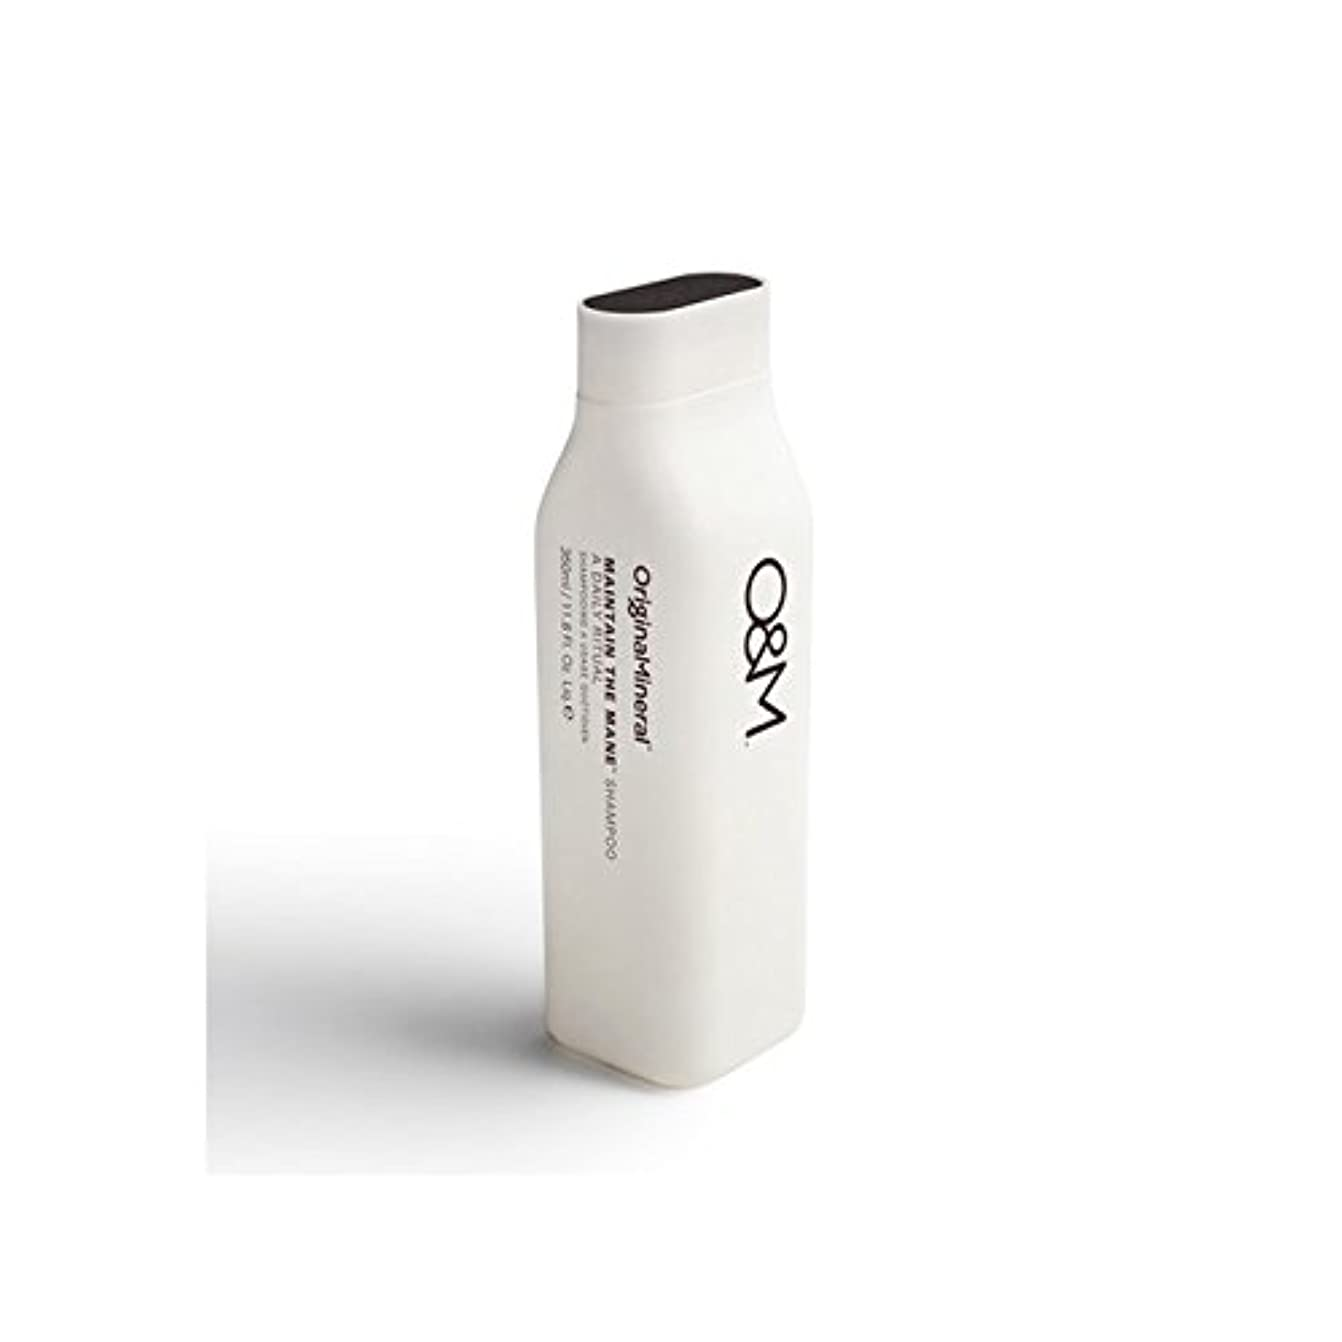 仕様賠償ネーピアOriginal & Mineral Maintain The Mane Shampoo (350ml) (Pack of 6) - オリジナル&ミネラルは、たてがみのシャンプー(350ミリリットル)を維持 x6 [並行輸入品]